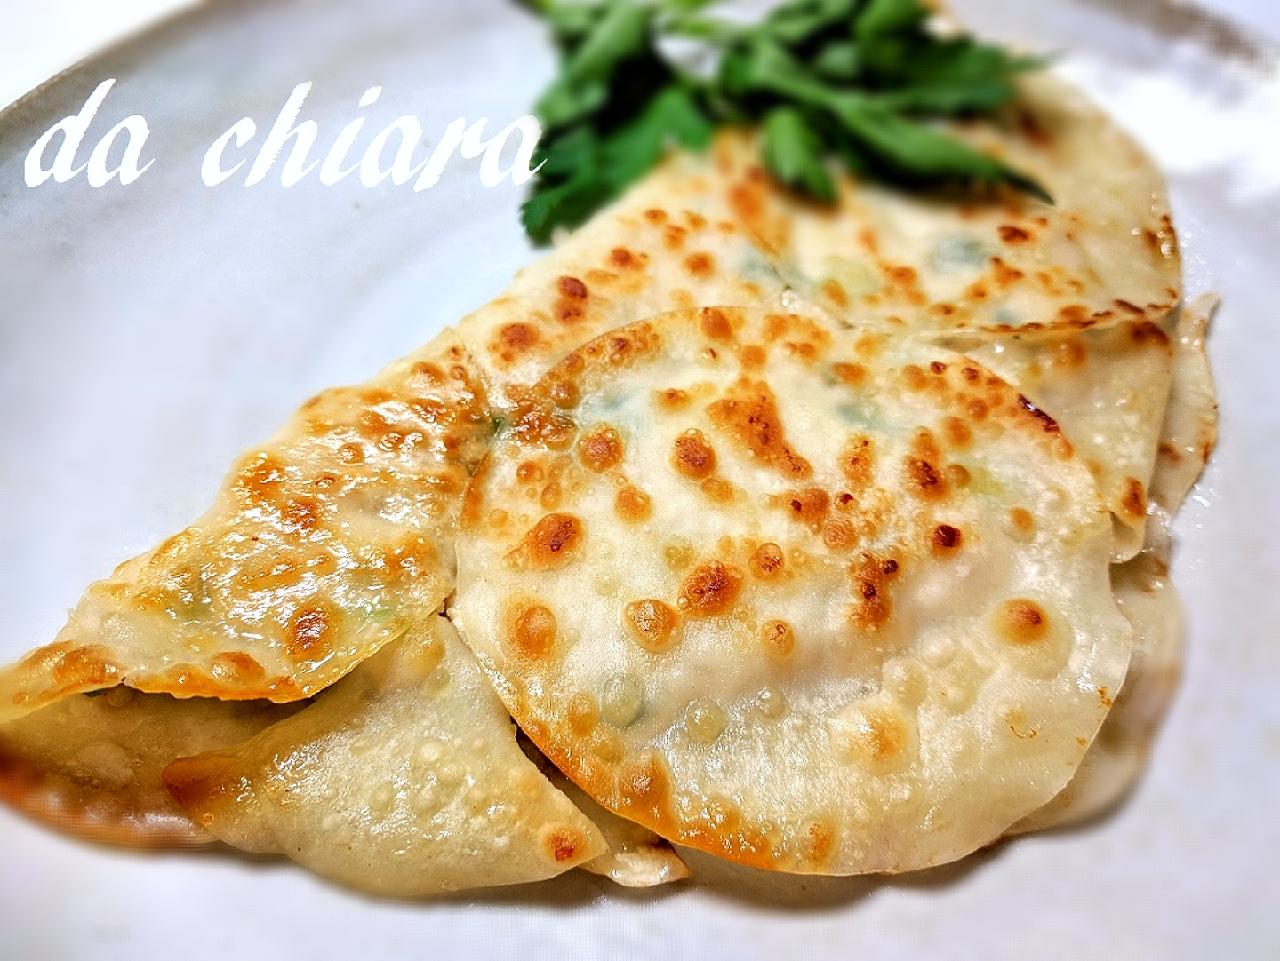 鶏ミンチのパリパリおつまみ餃子